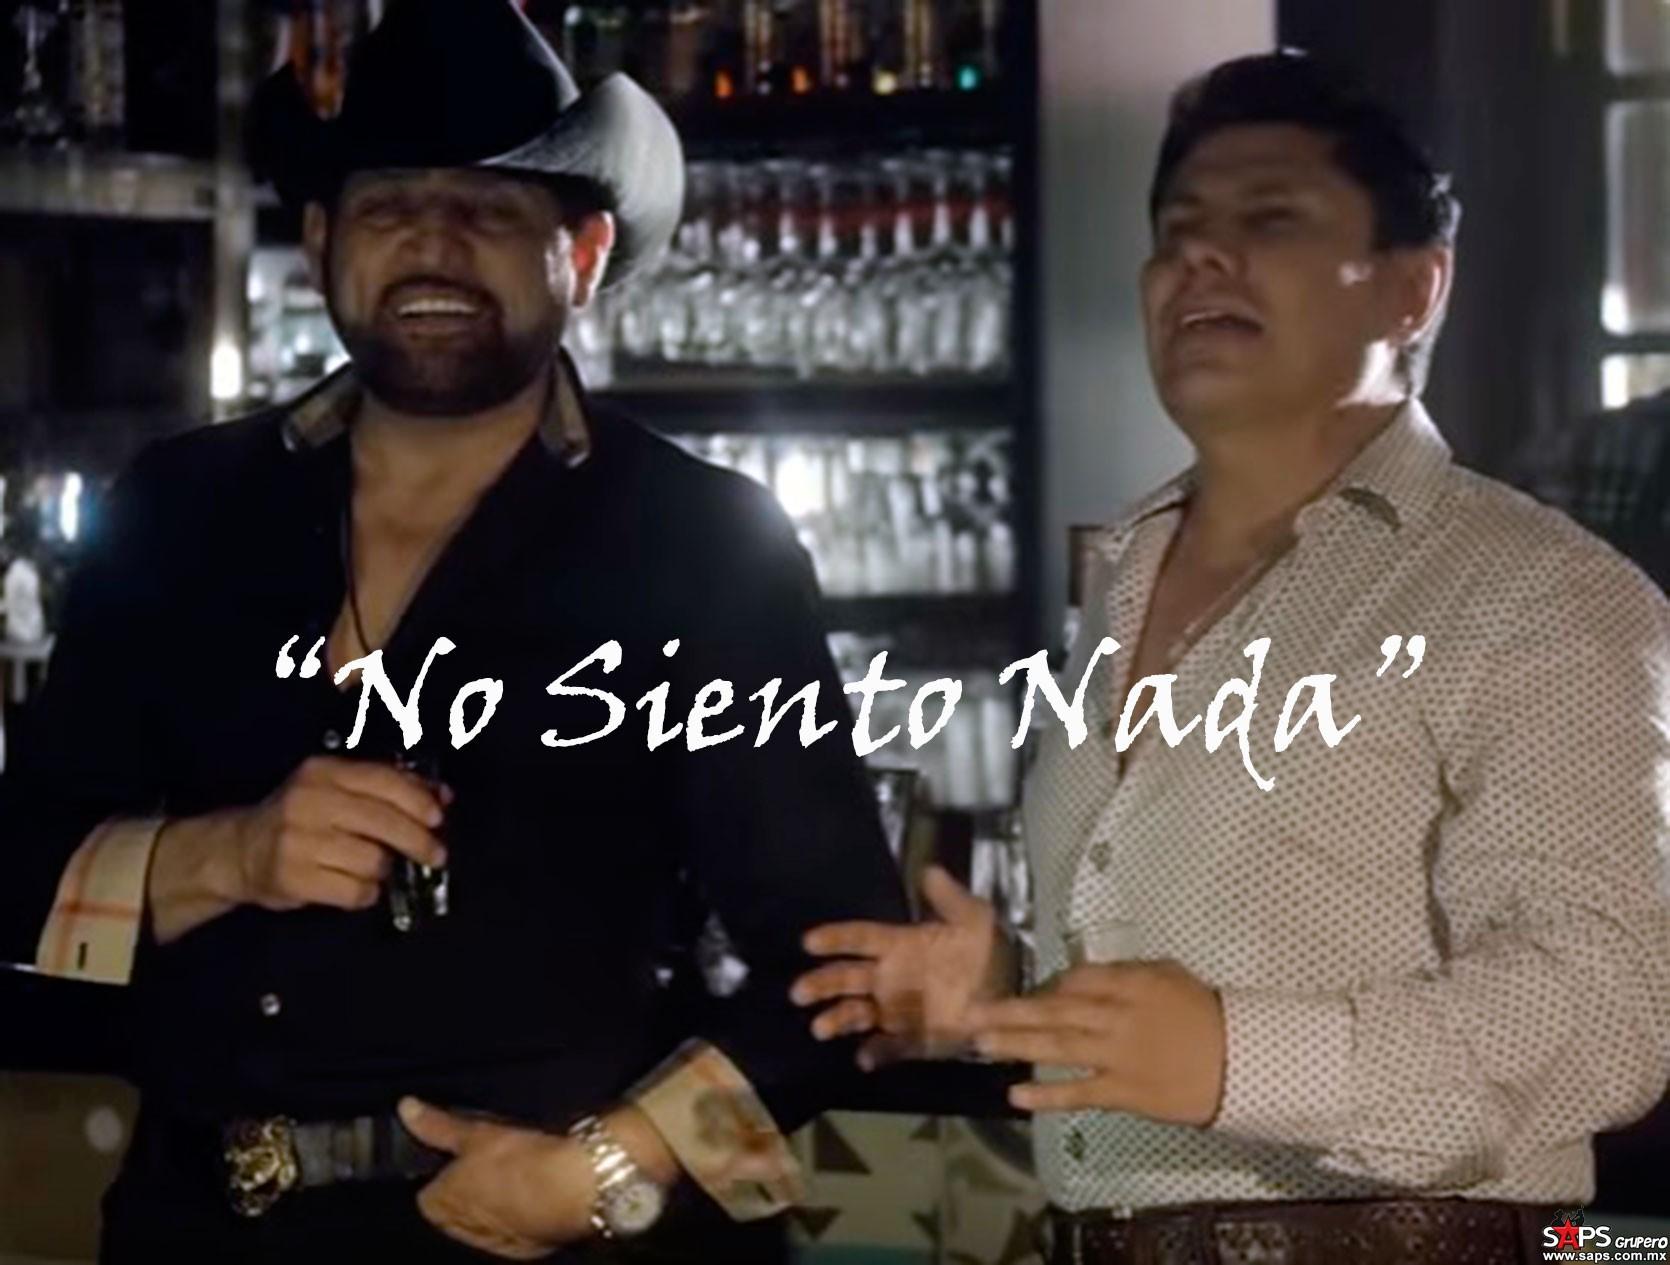 Pancho Barraza y Ernesto Solano, No Siento Nada